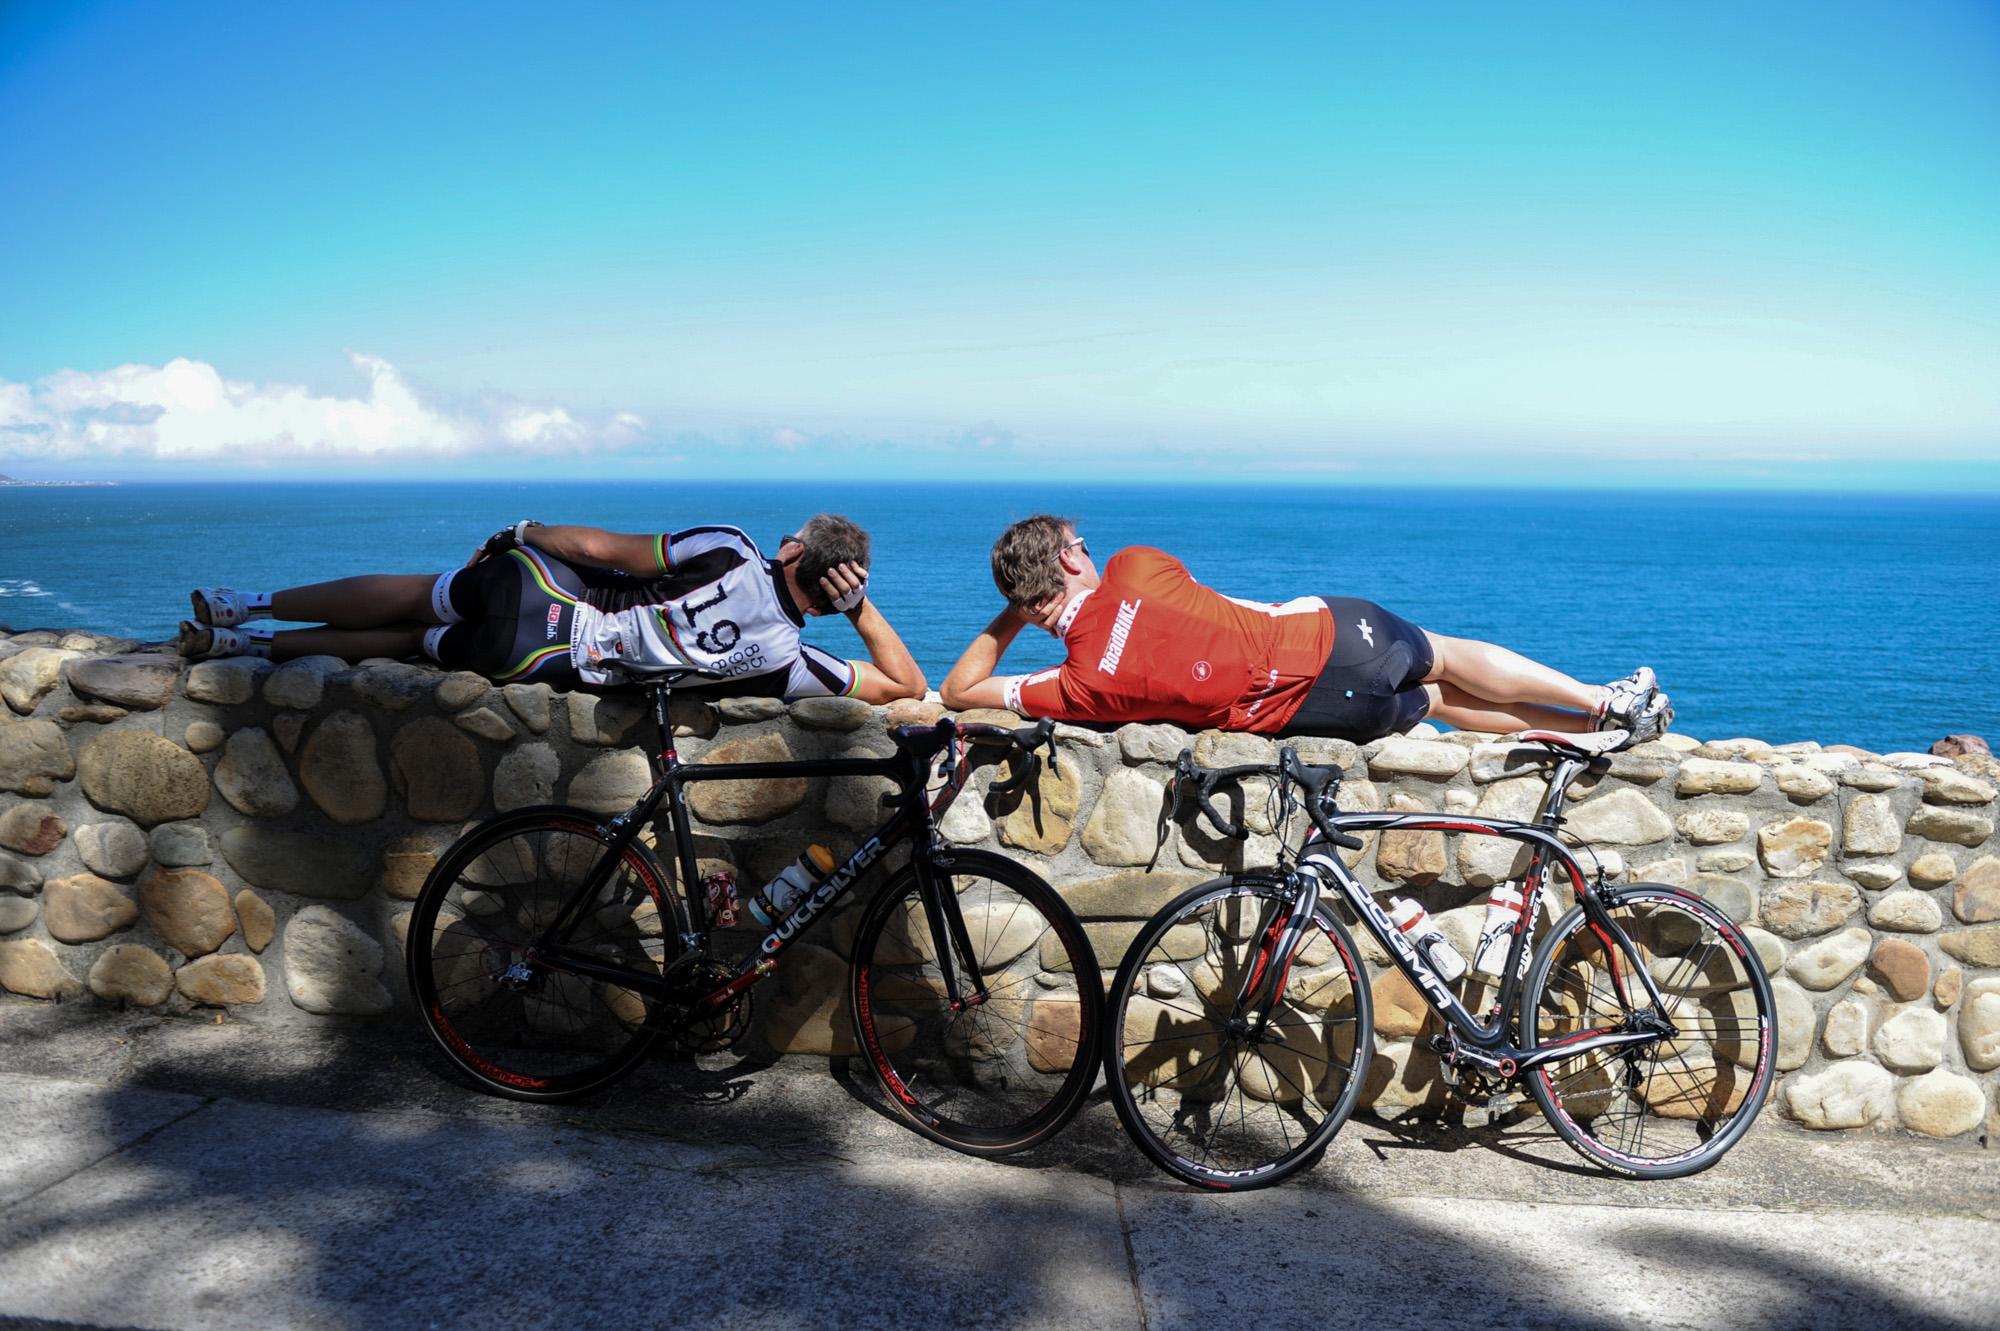 Jens Vögele und Mike Kluge liegen auf einer Mauer und blicken aufs Meer